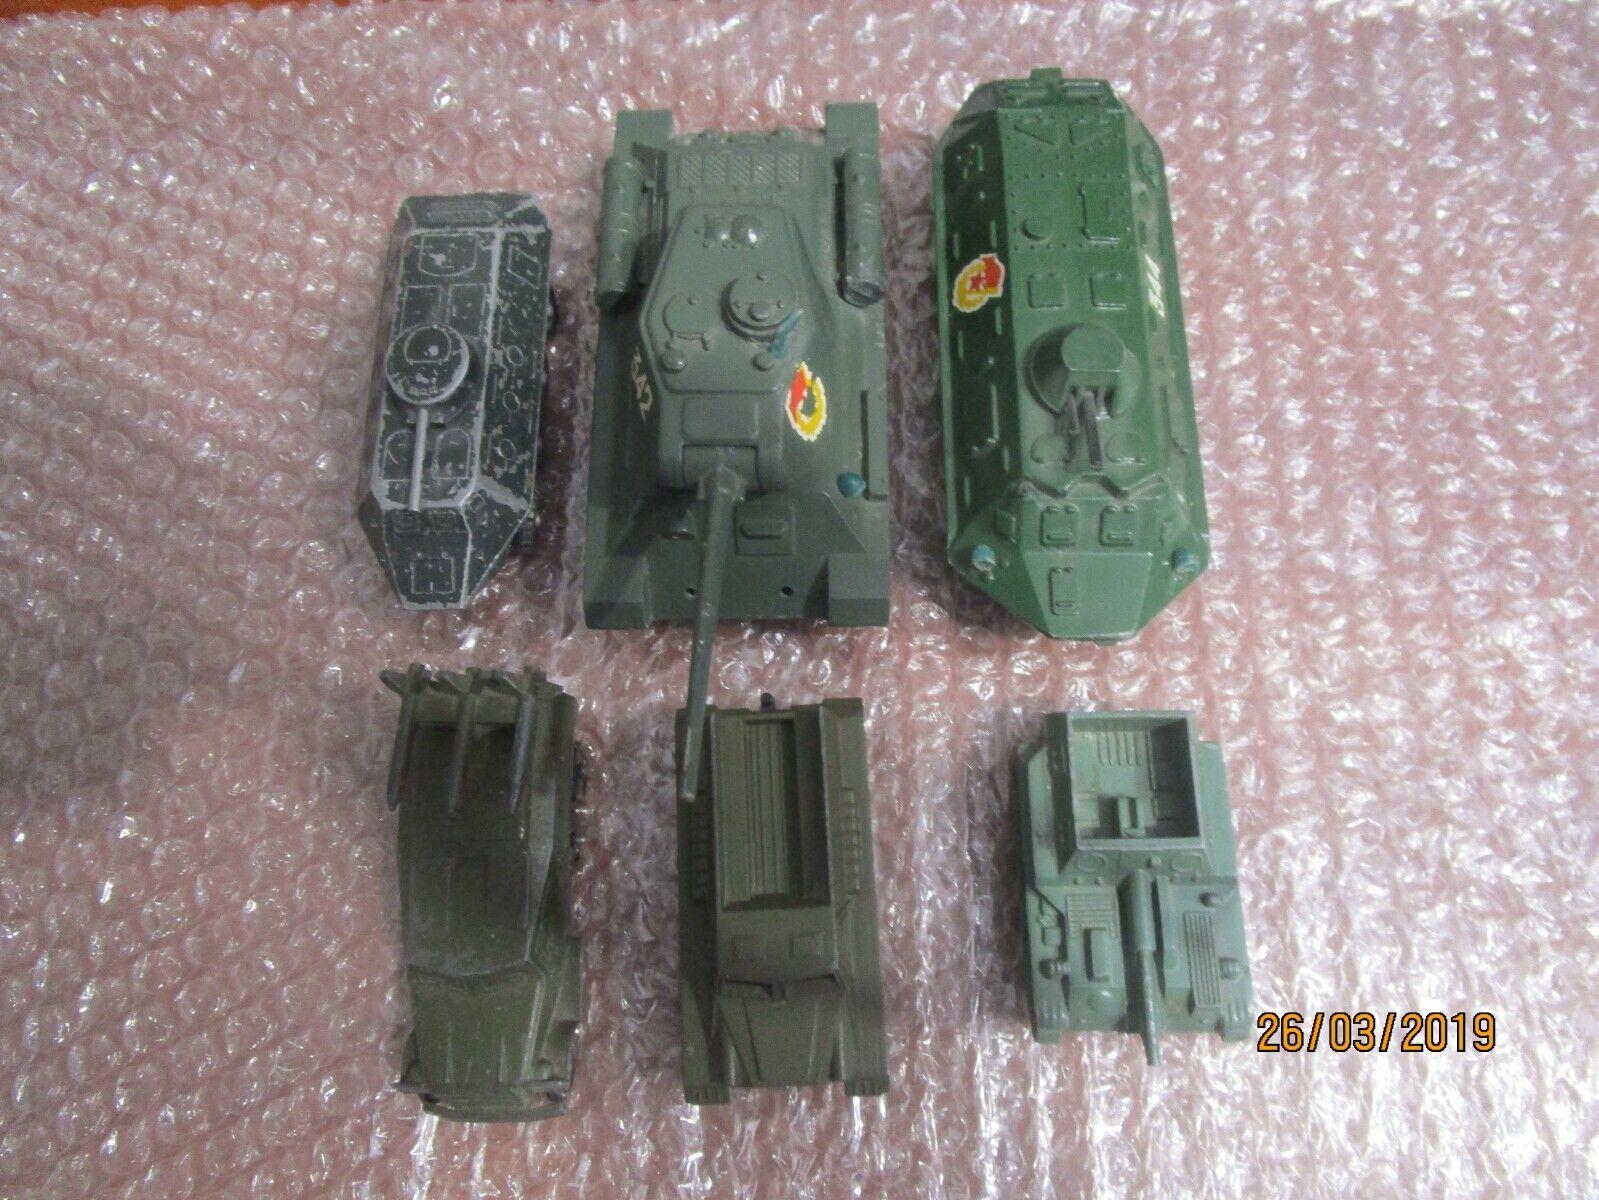 ordene ahora los precios más bajos Juguete de Metal Segunda Guerra Guerra Guerra Mundial Militar Ejército Soviético Tanque Modelo Vintage URSS  lo último